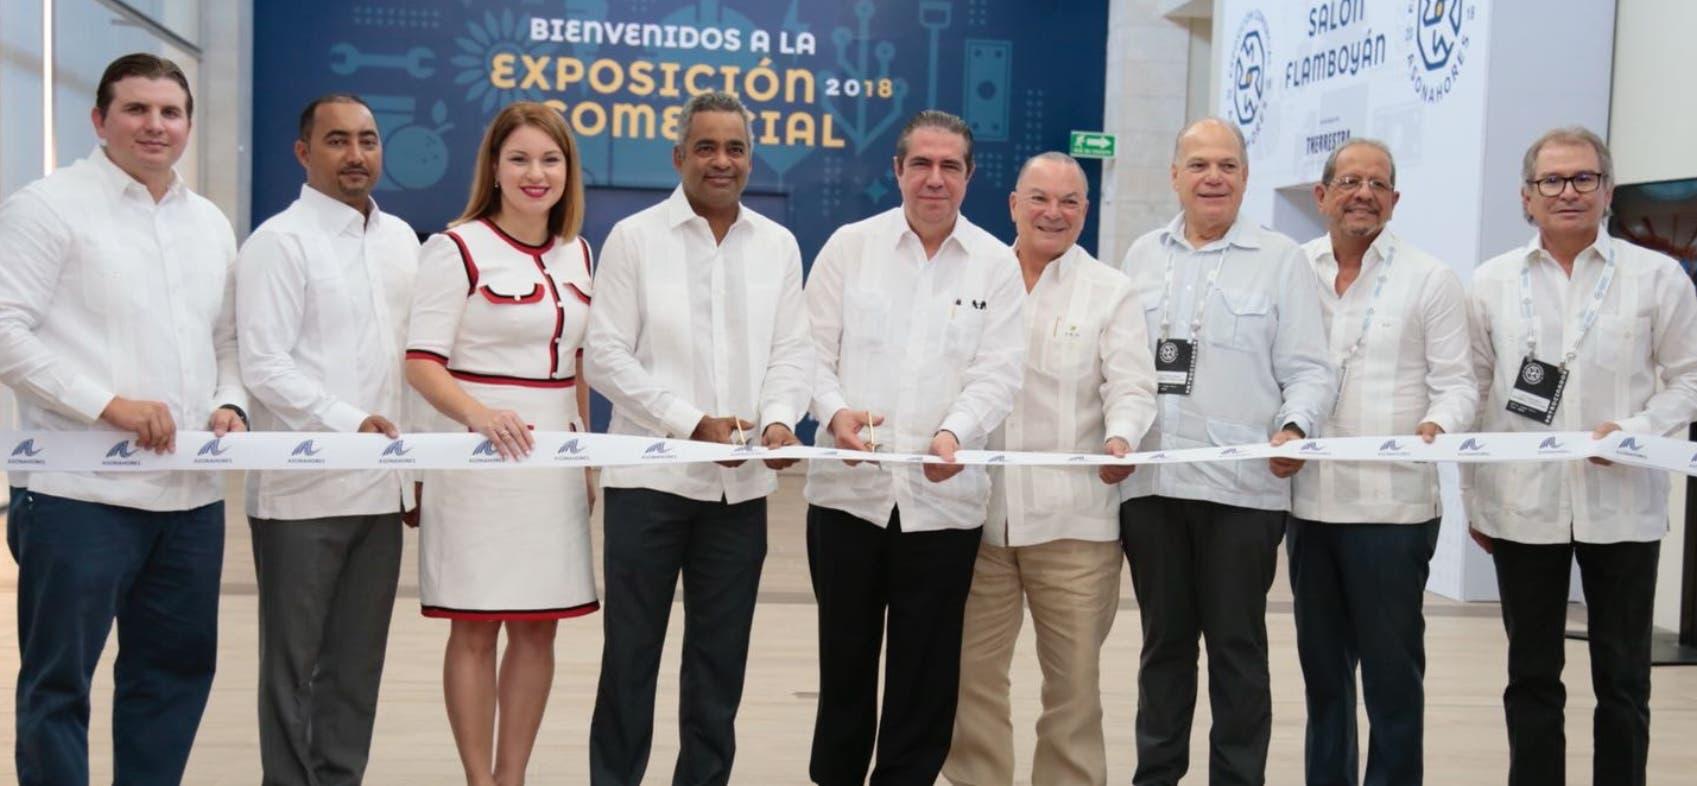 El ministro   Francisco Javier García  corta cinta para apertura  de la  XXXII Feria de Asonahores junto a representantes del sector.